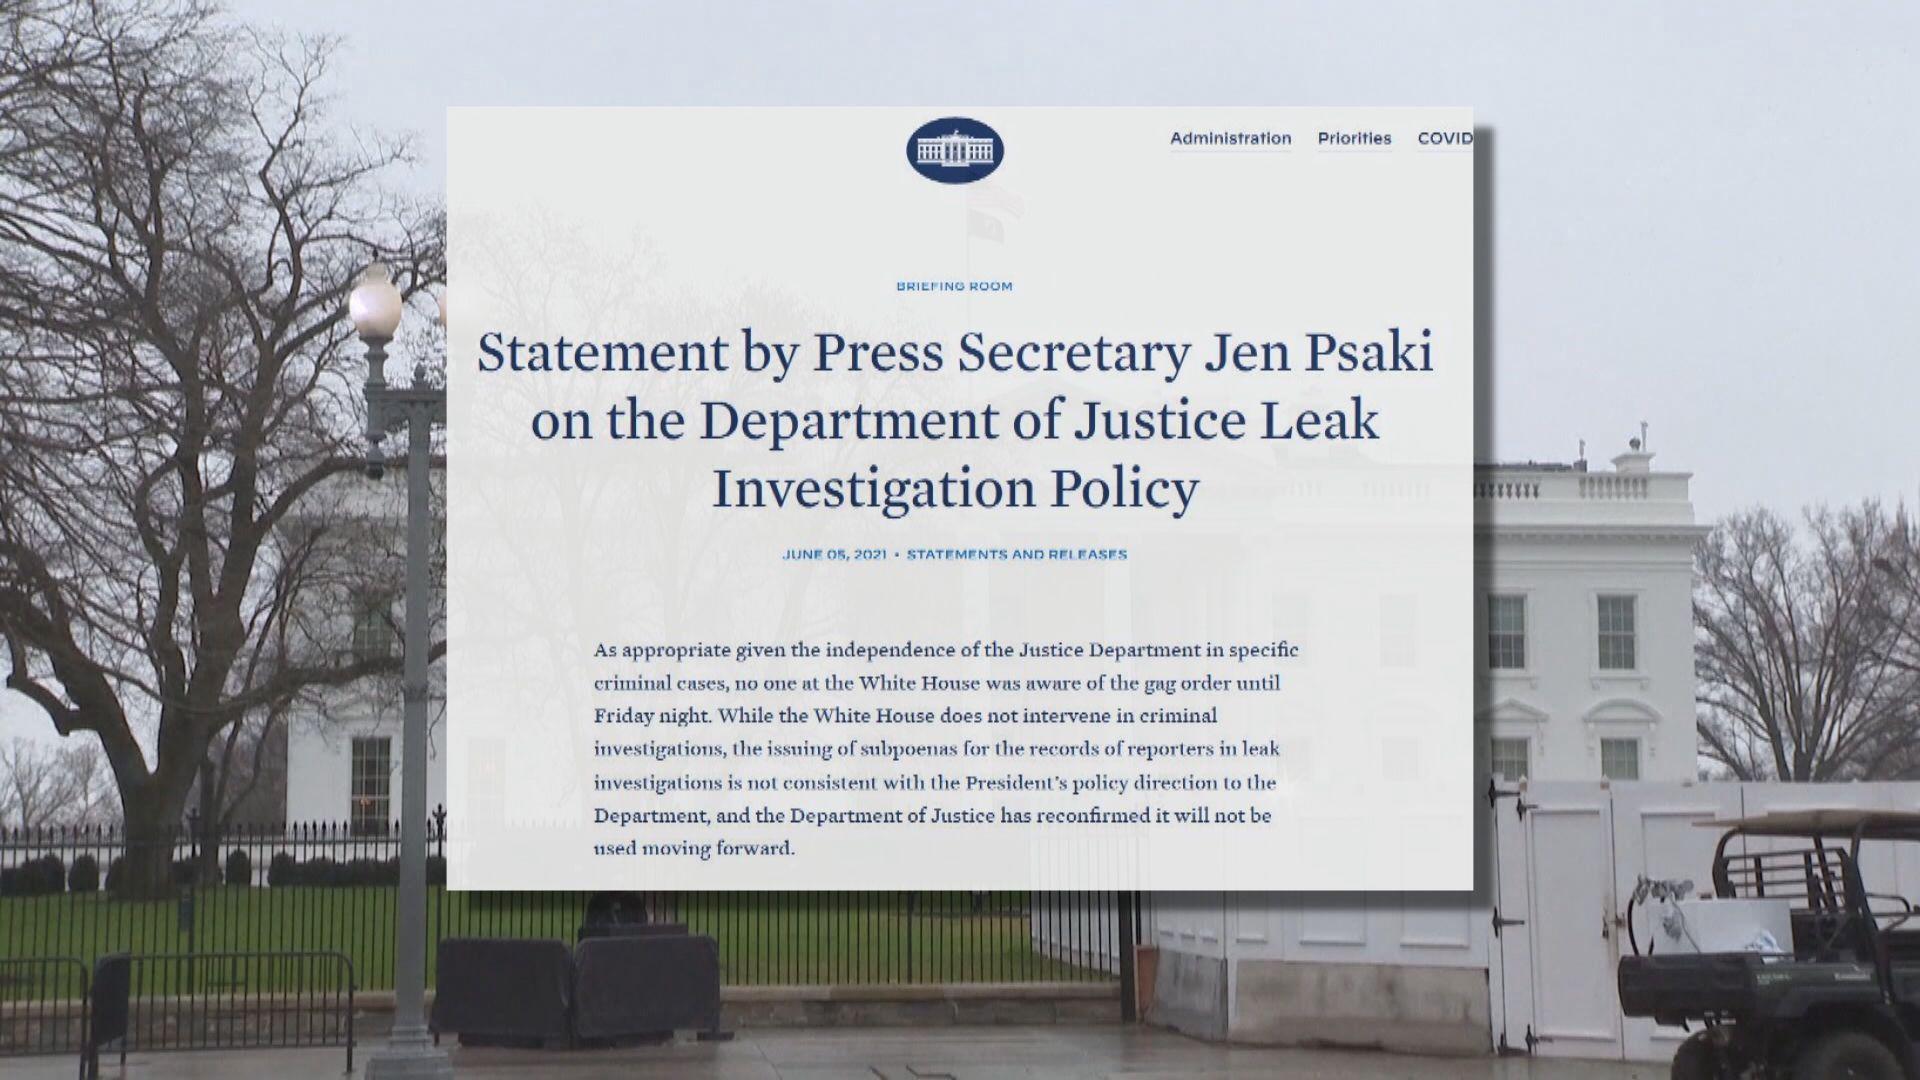 白宮重申以往調查消息來源方式不符華府政策